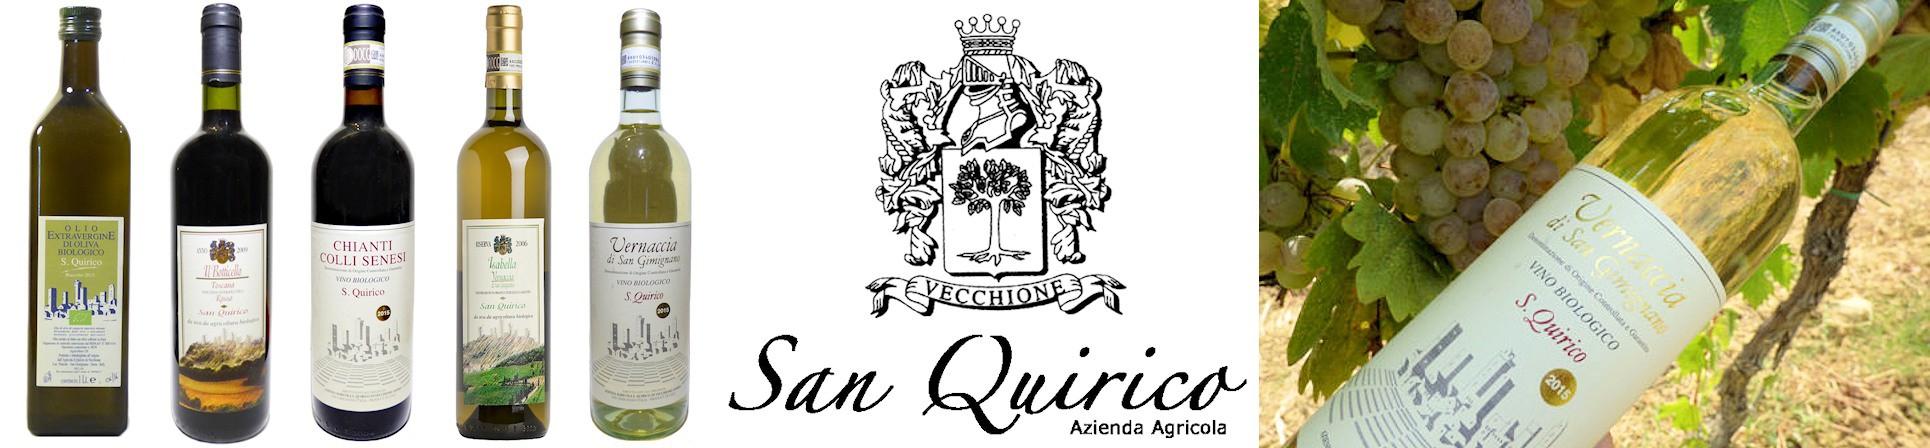 Vernaccia di San Gimignano e Chianti Colli Senesi - vendita online